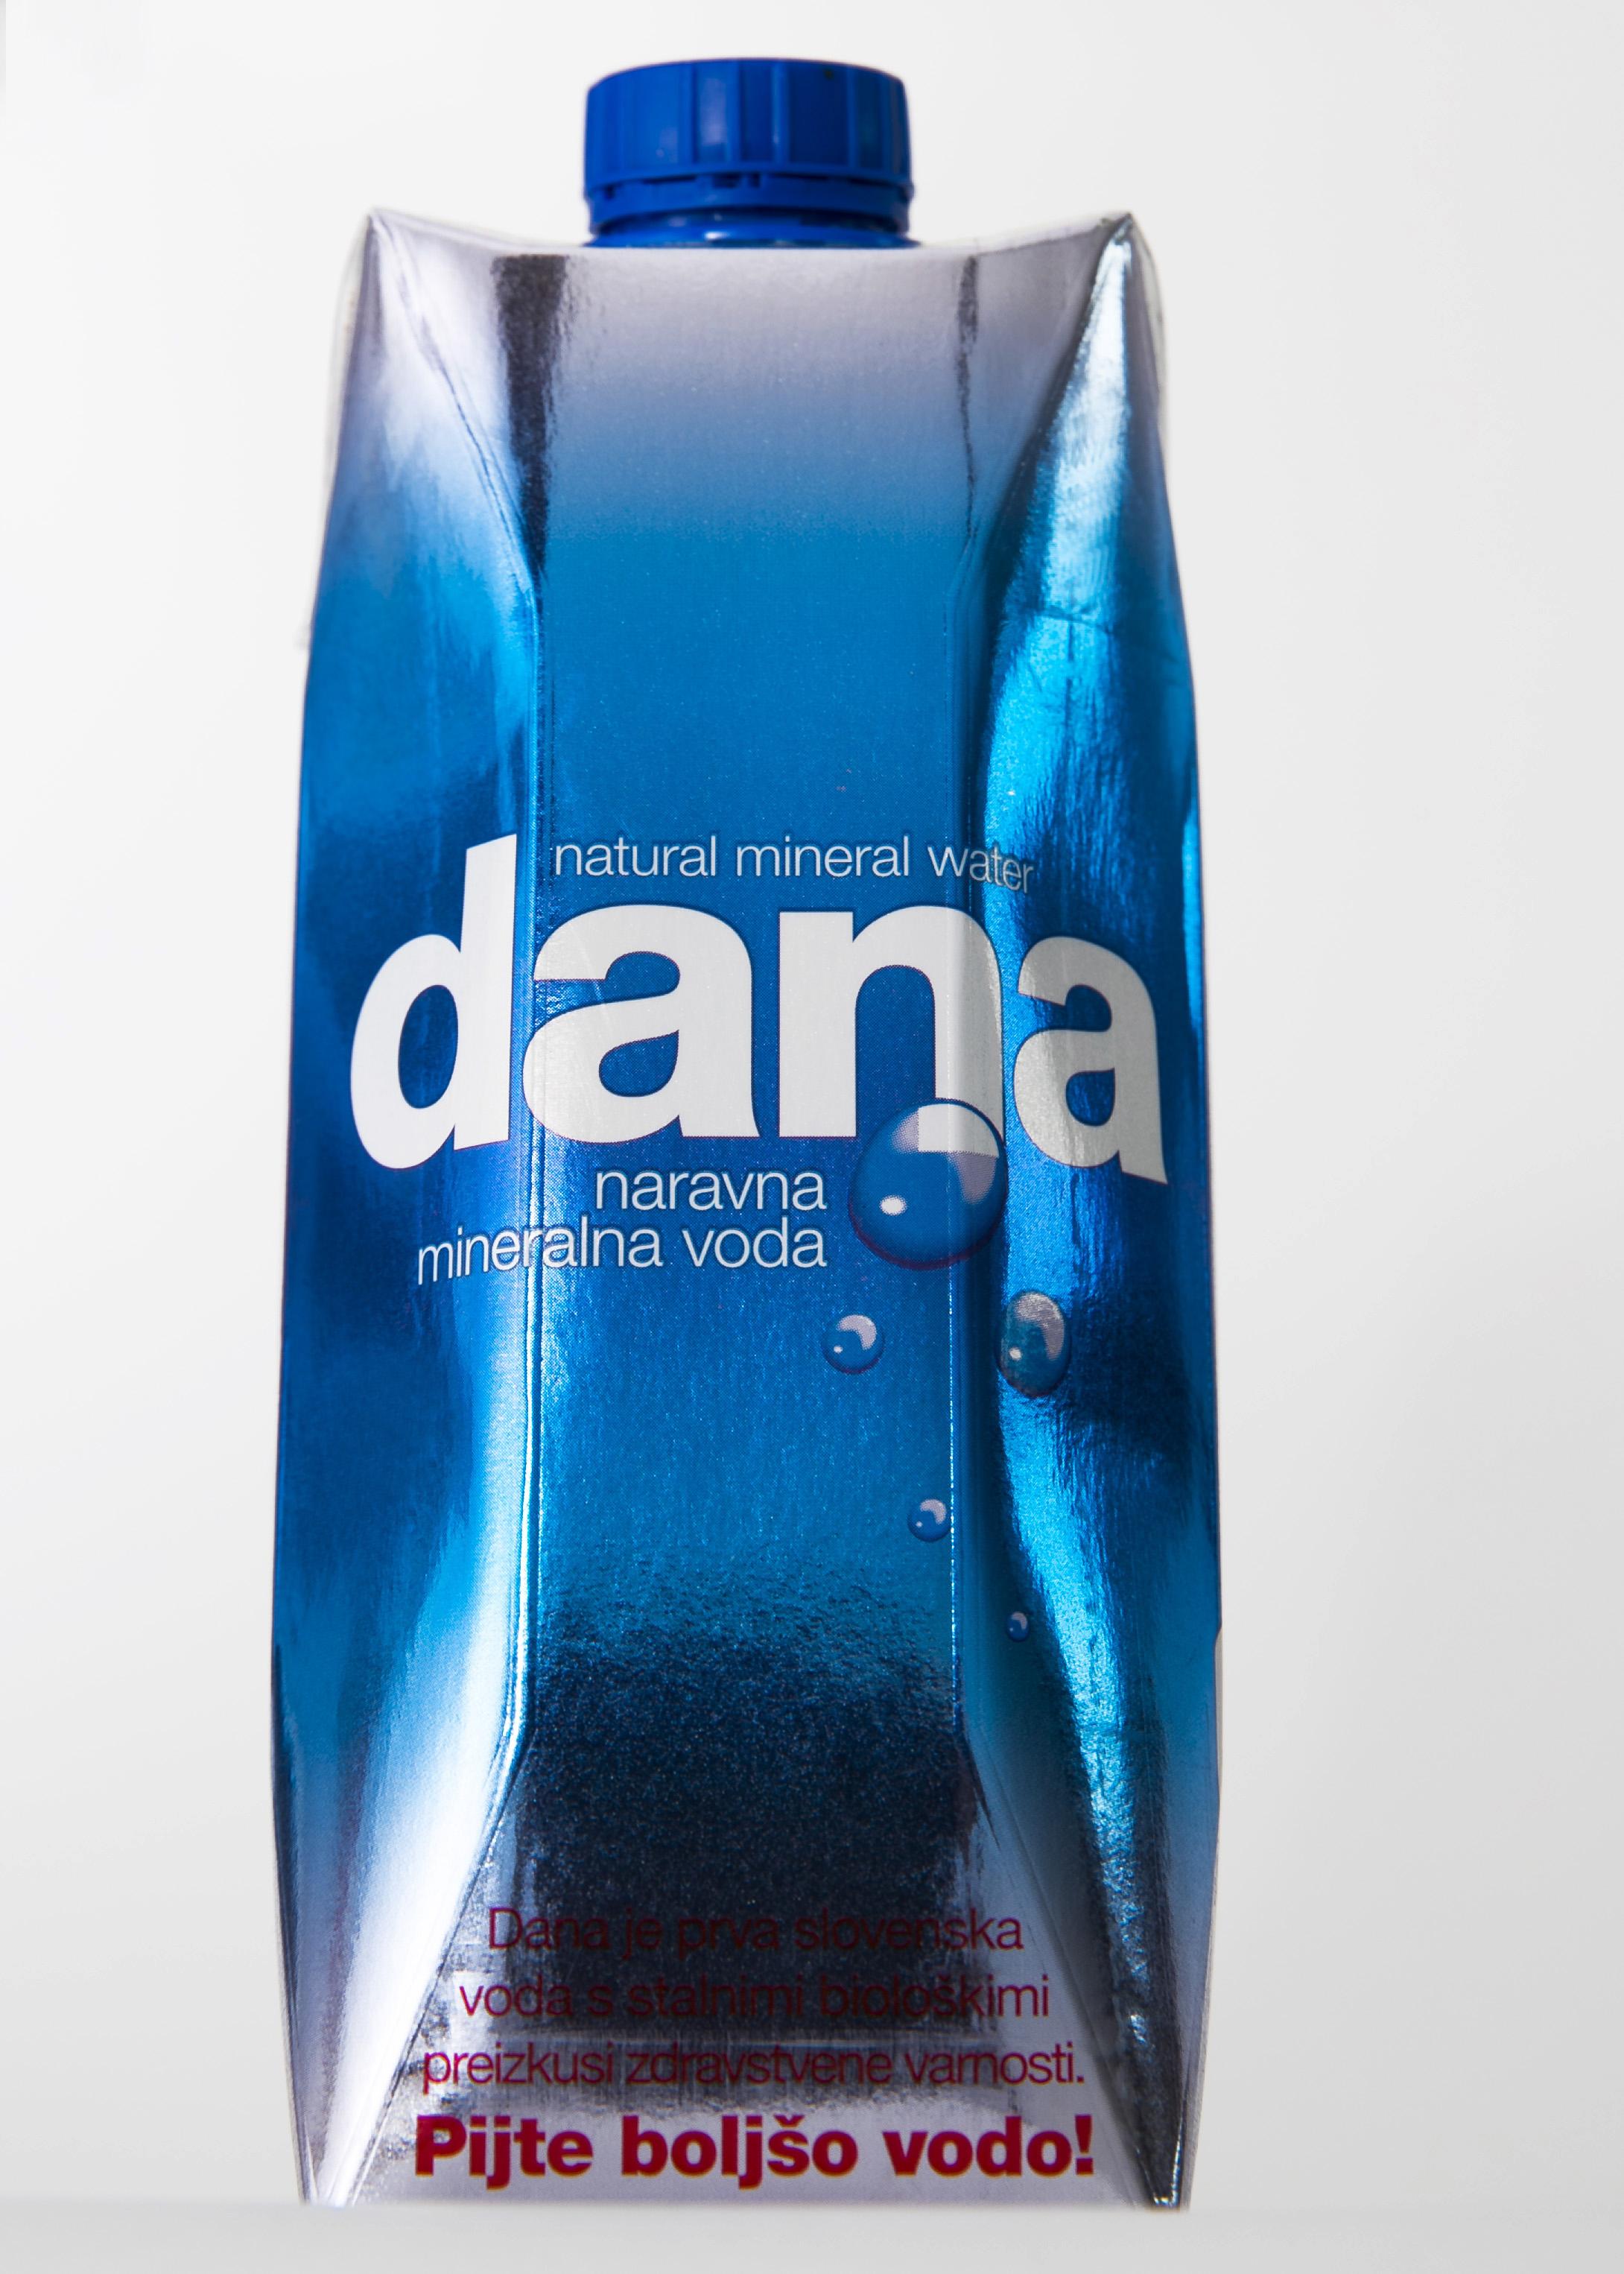 Foto3_naravna mineralna voda Dana v Tetra Prisma Aseptic 750 ml embalaži